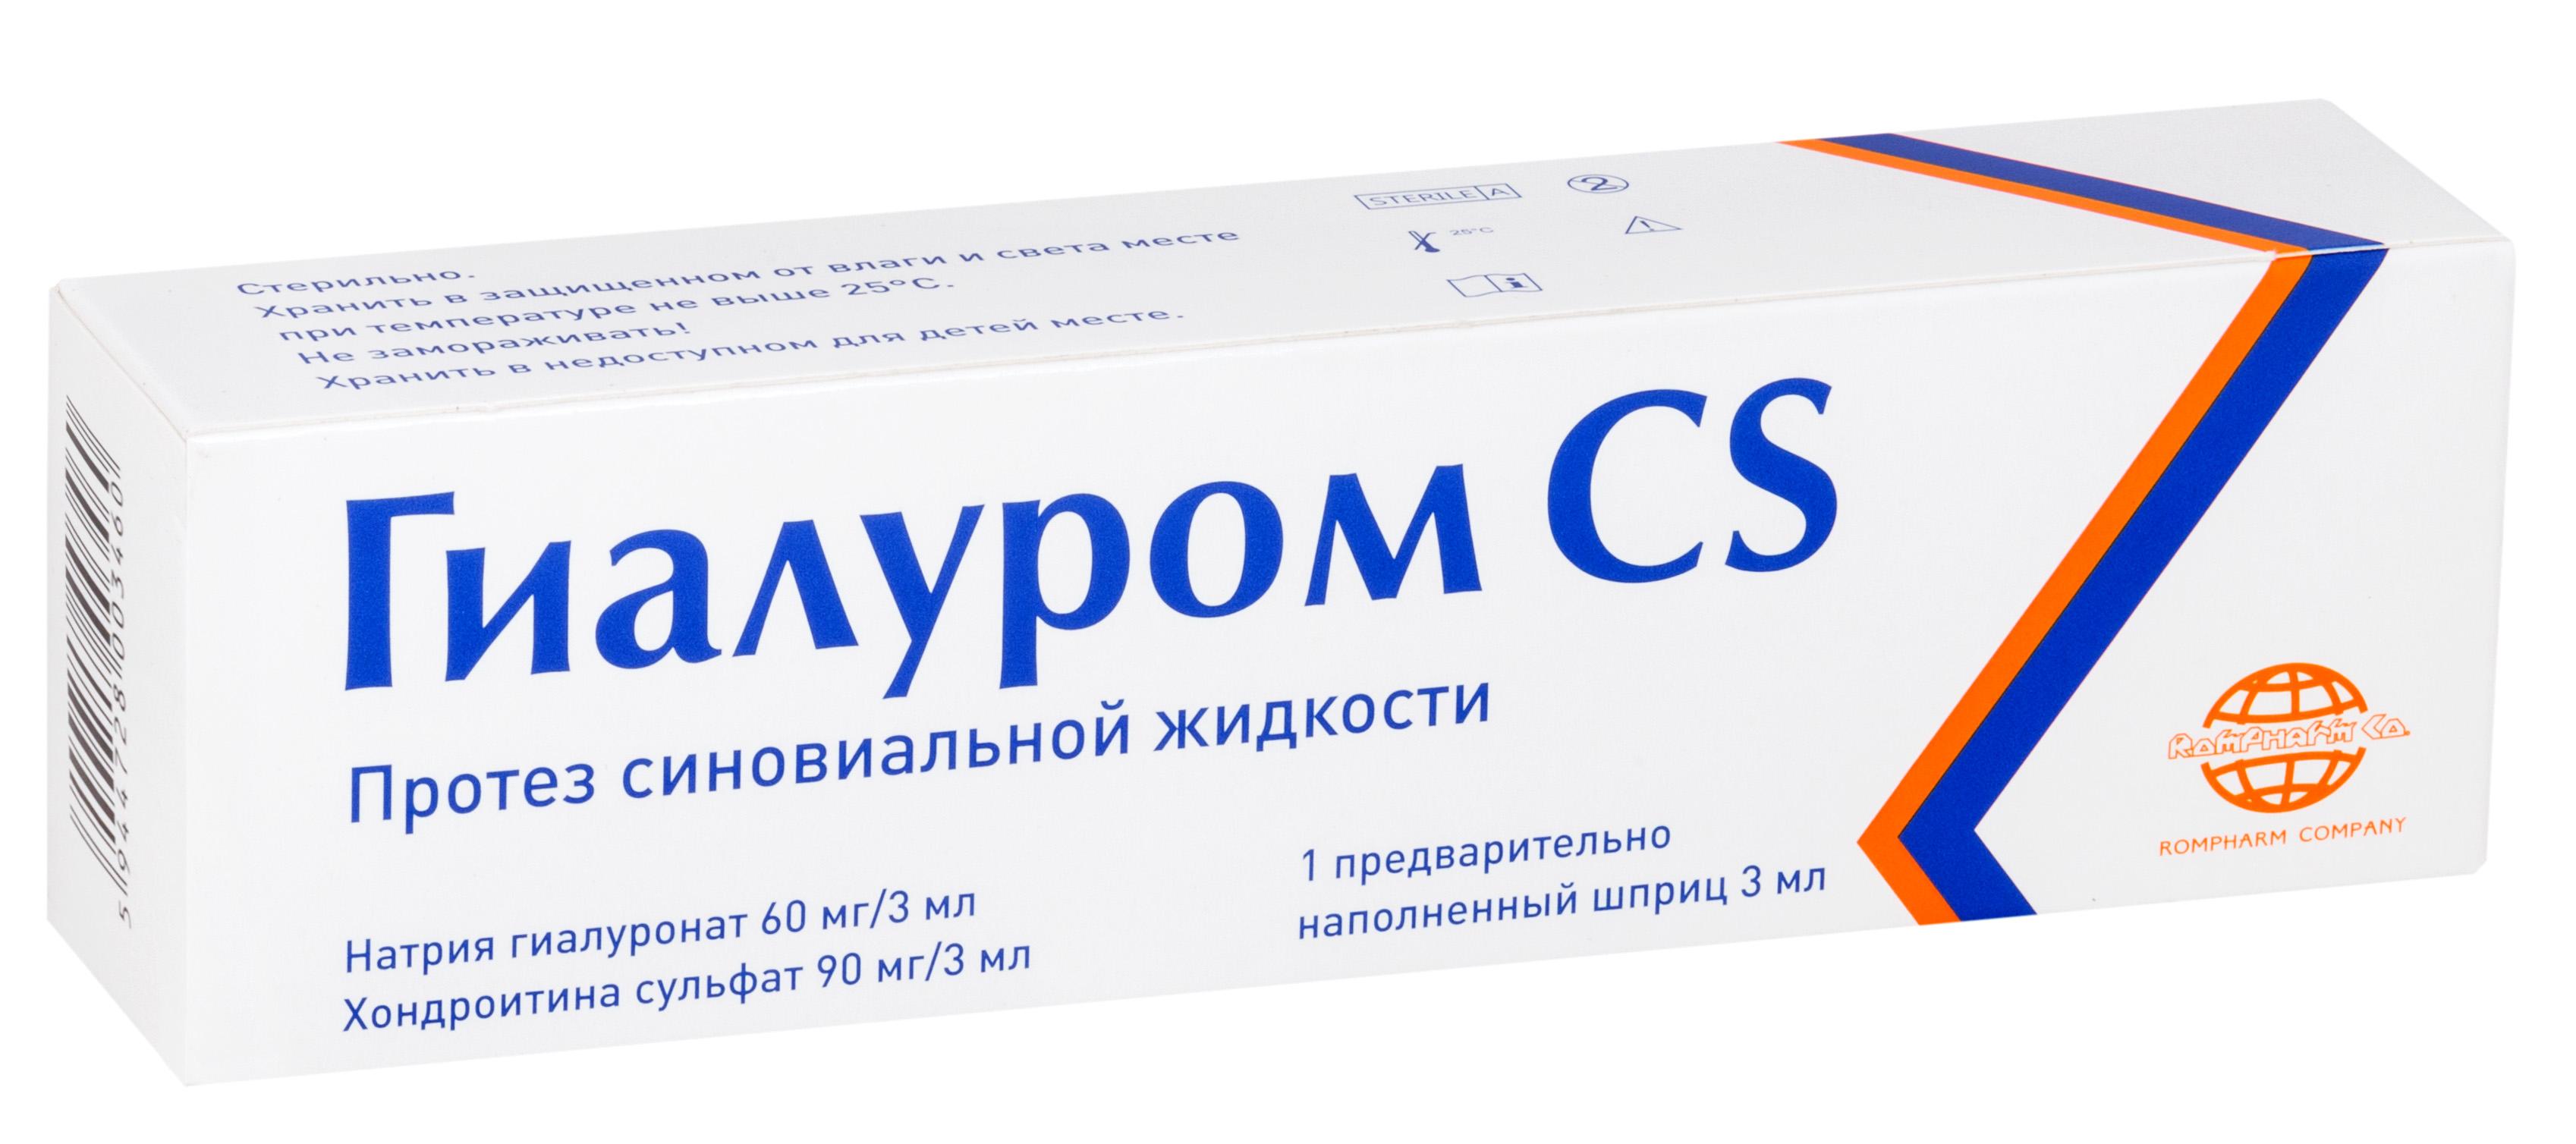 Гиалуром cs протез синов. жидкости (р-р гиалуроната натрия 60мг/3мл и р-р хондроитина сульфата 90мг/3 мл) шприц 3мл №1